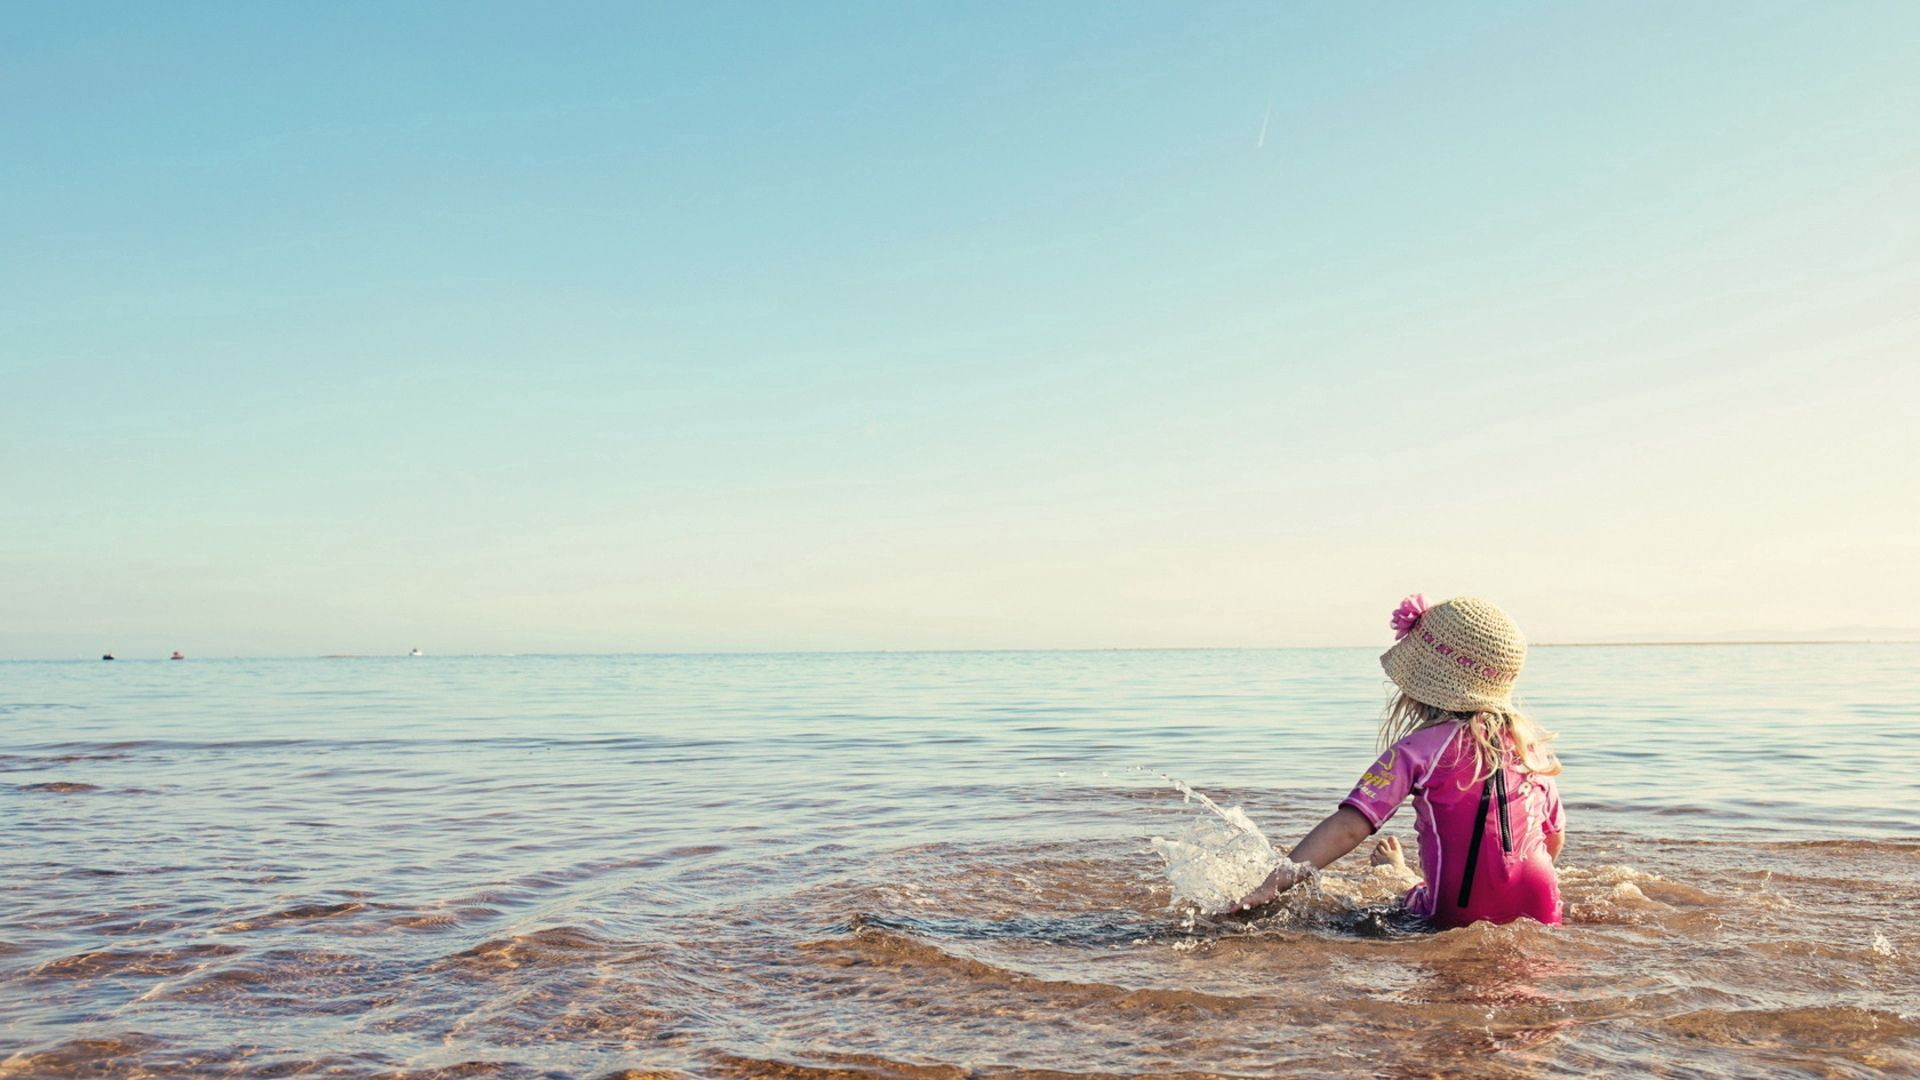 131932 скачать обои Разное, Девочка, Море, Лето, Настроение - заставки и картинки бесплатно